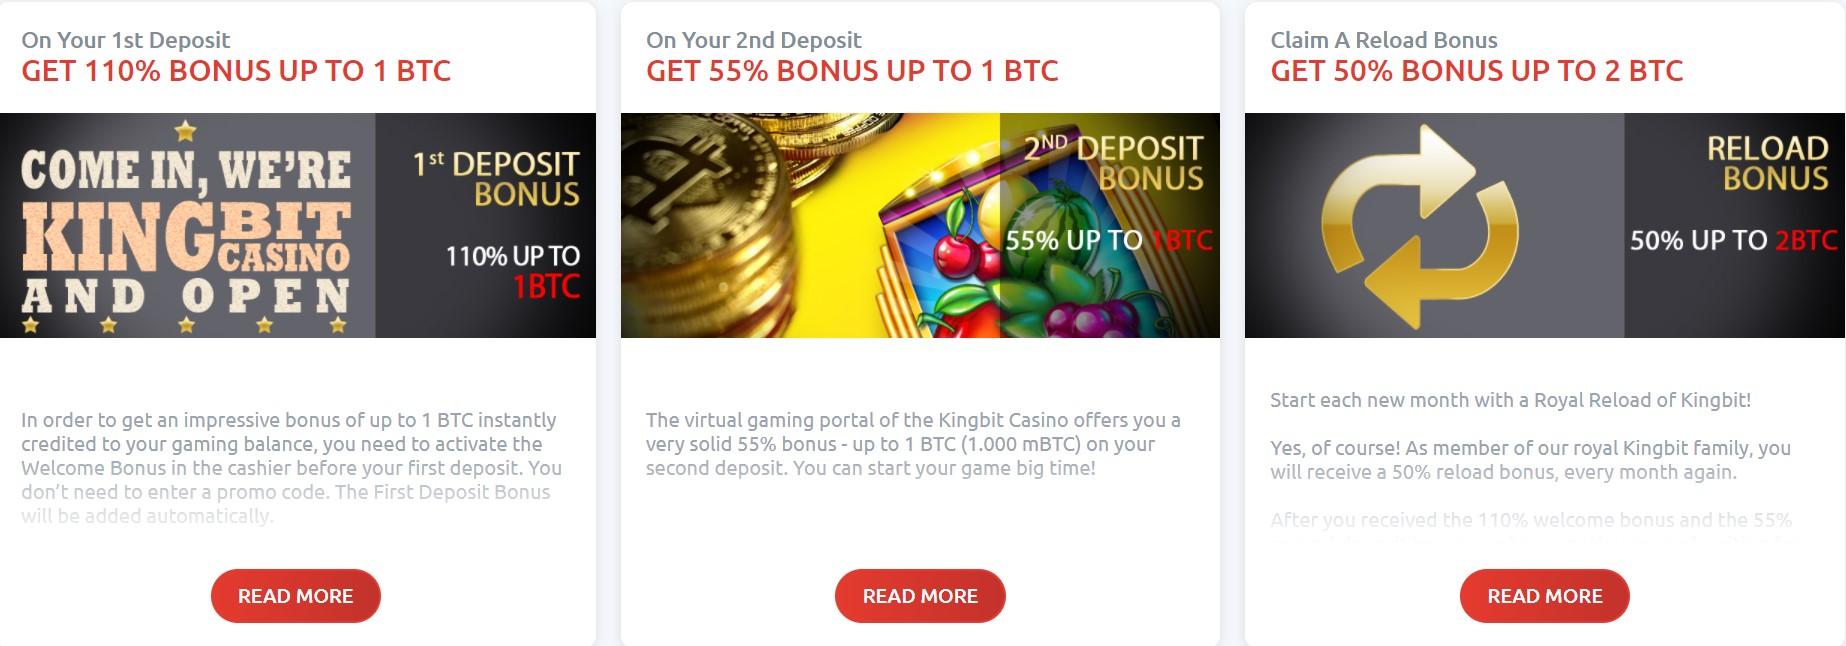 kingbit deposit bonuses